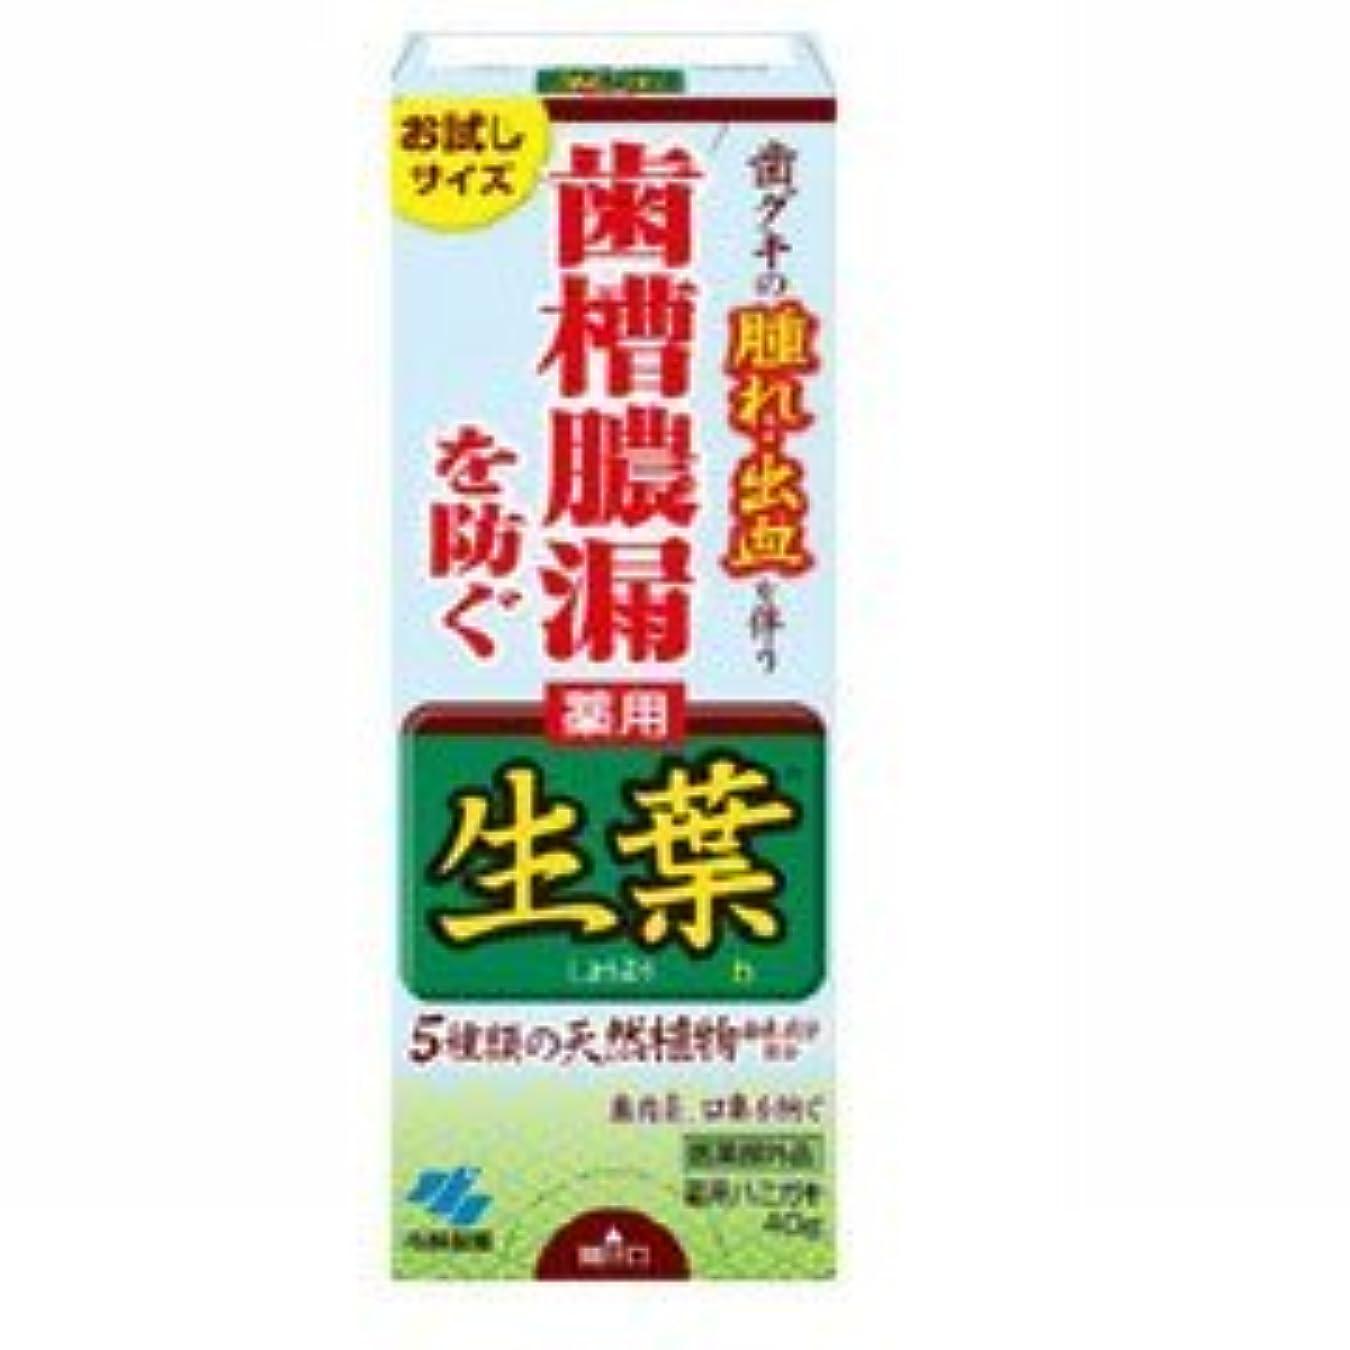 タイヤカニがんばり続ける【小林製薬】生葉 お試しサイズ 40g